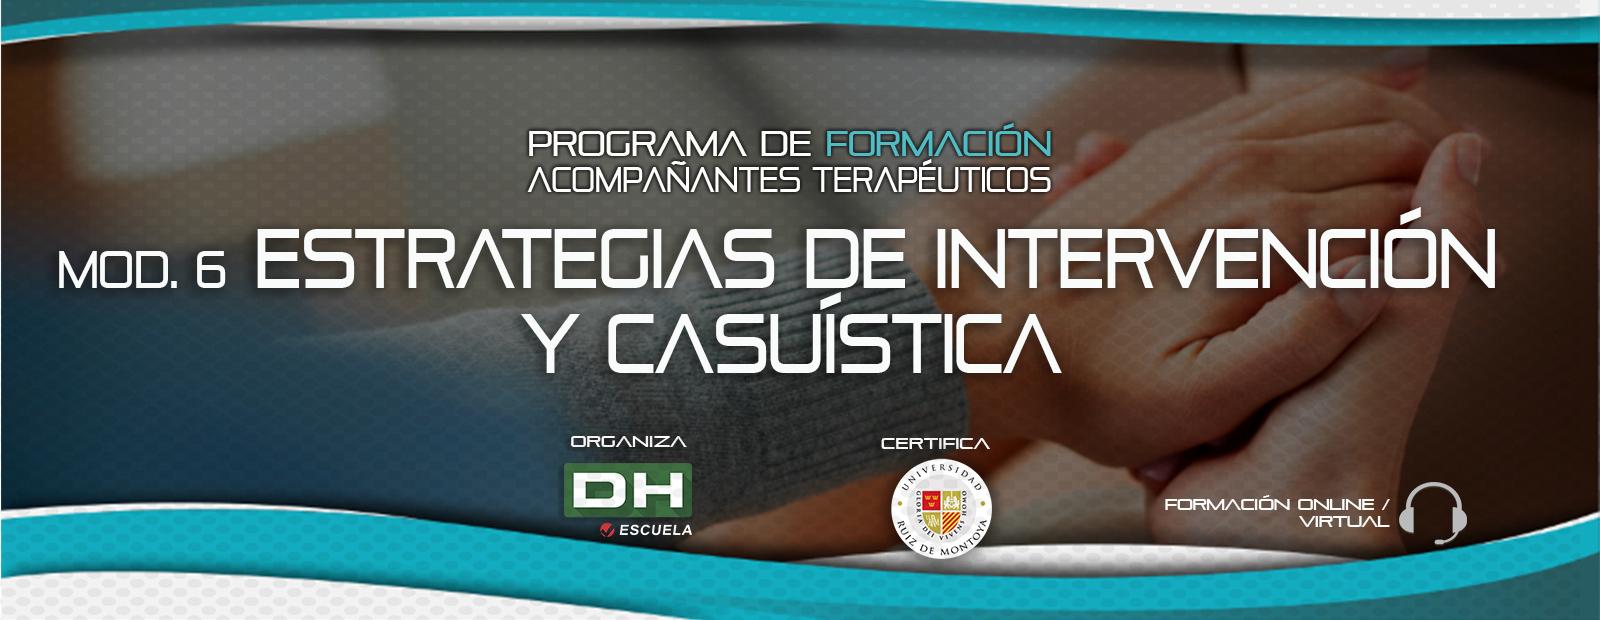 Módulo 06 ESTRATEGIAS DE INTERVENCIÓN y CASUÍSTICA